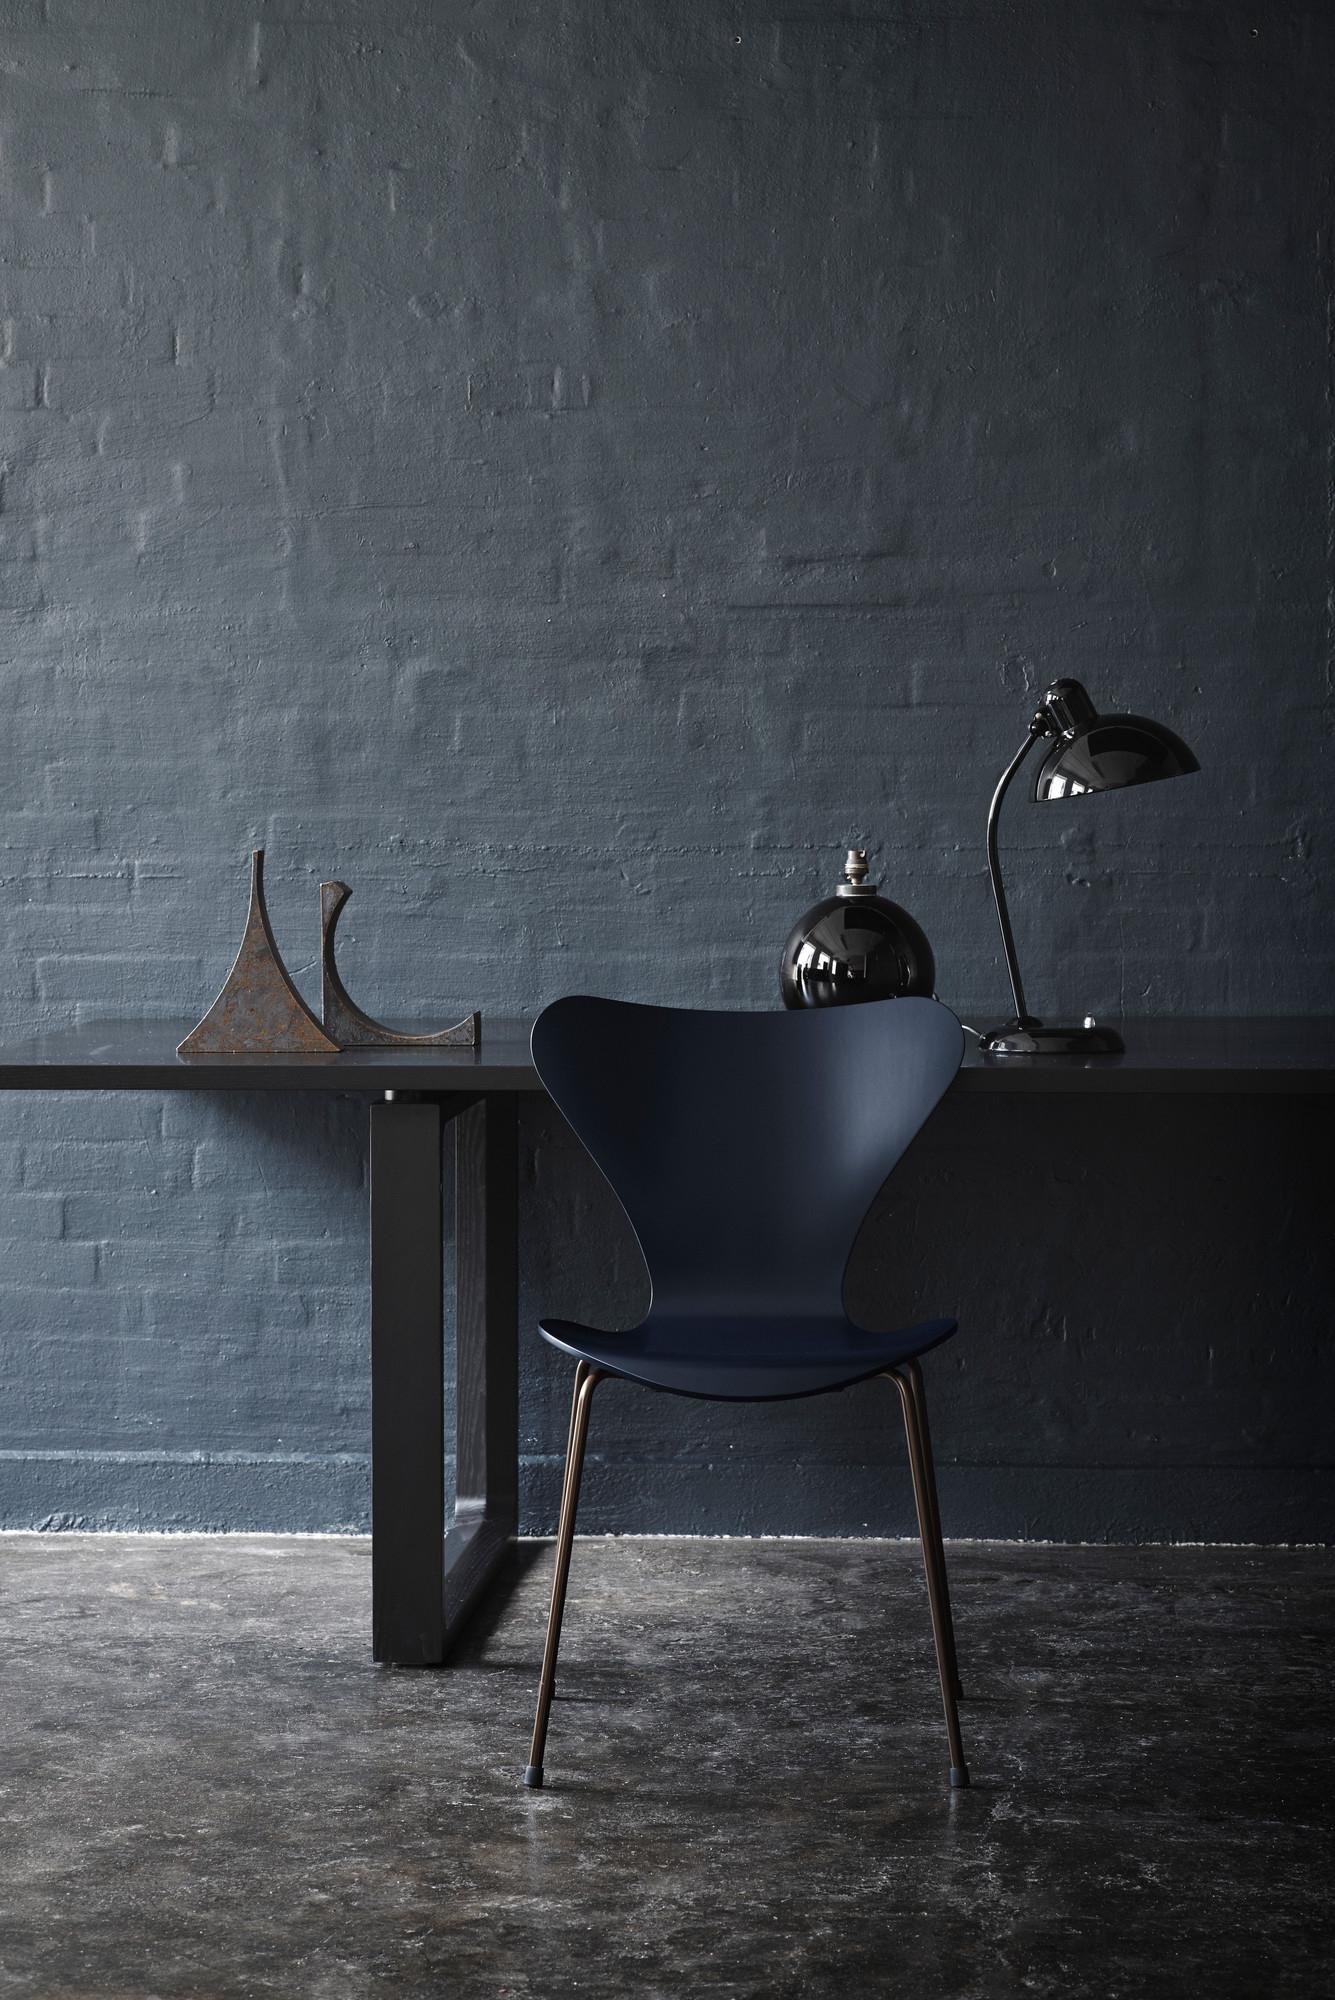 6556 T Table Lamp KAISER idell Fritz Hansen black high gloss